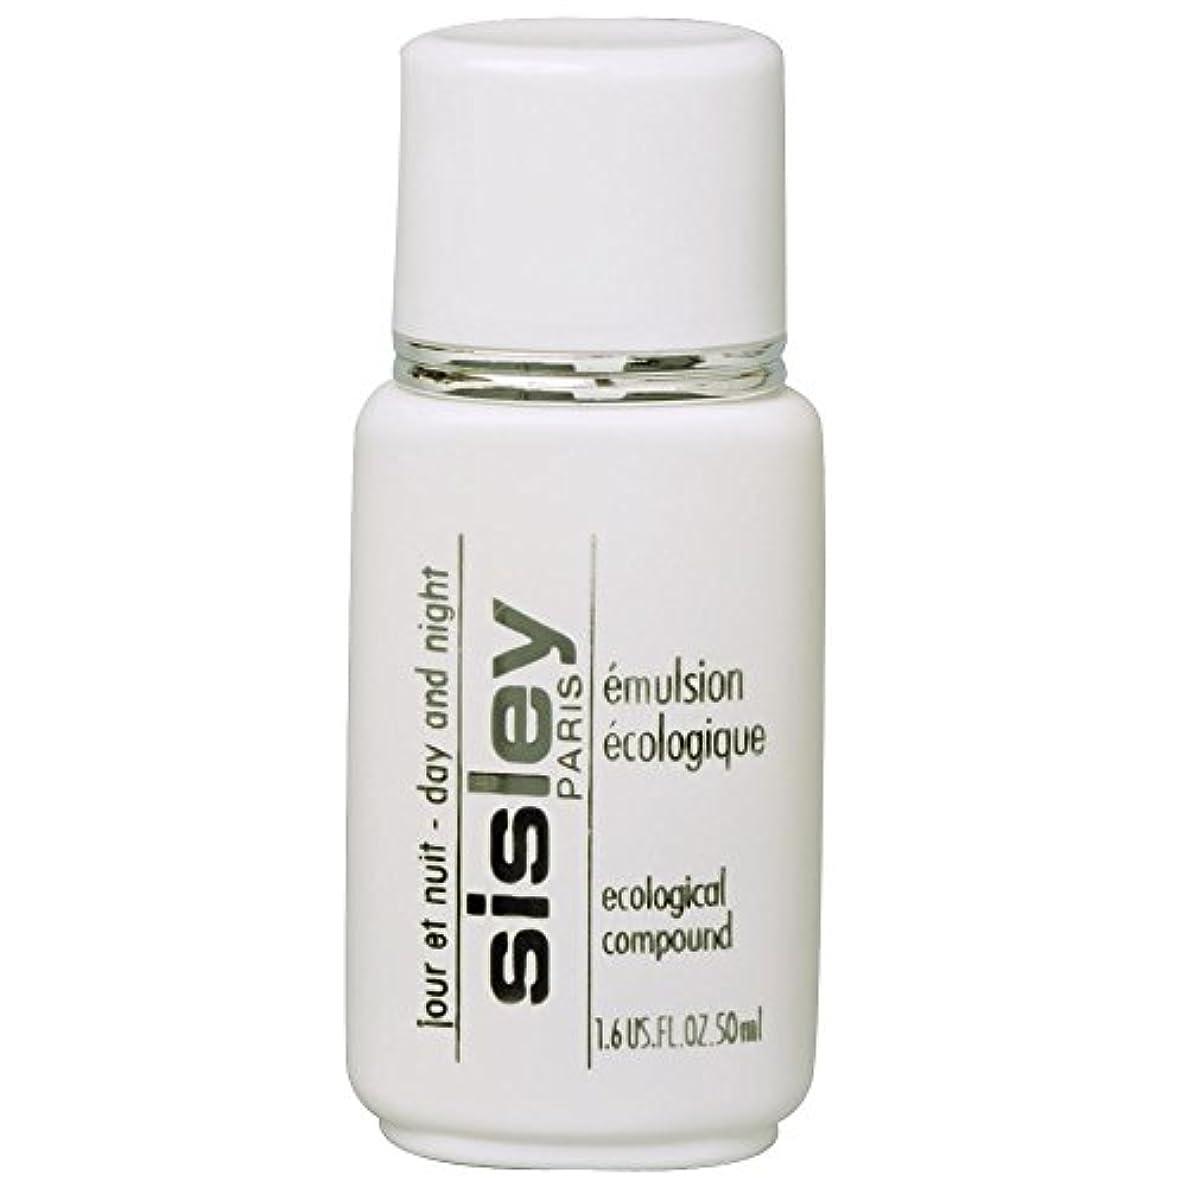 くそー幽霊サイドボード[Sisley] シスレーエコロジカルな化合物、50ミリリットル - Sisley Ecological Compound, 50ml [並行輸入品]